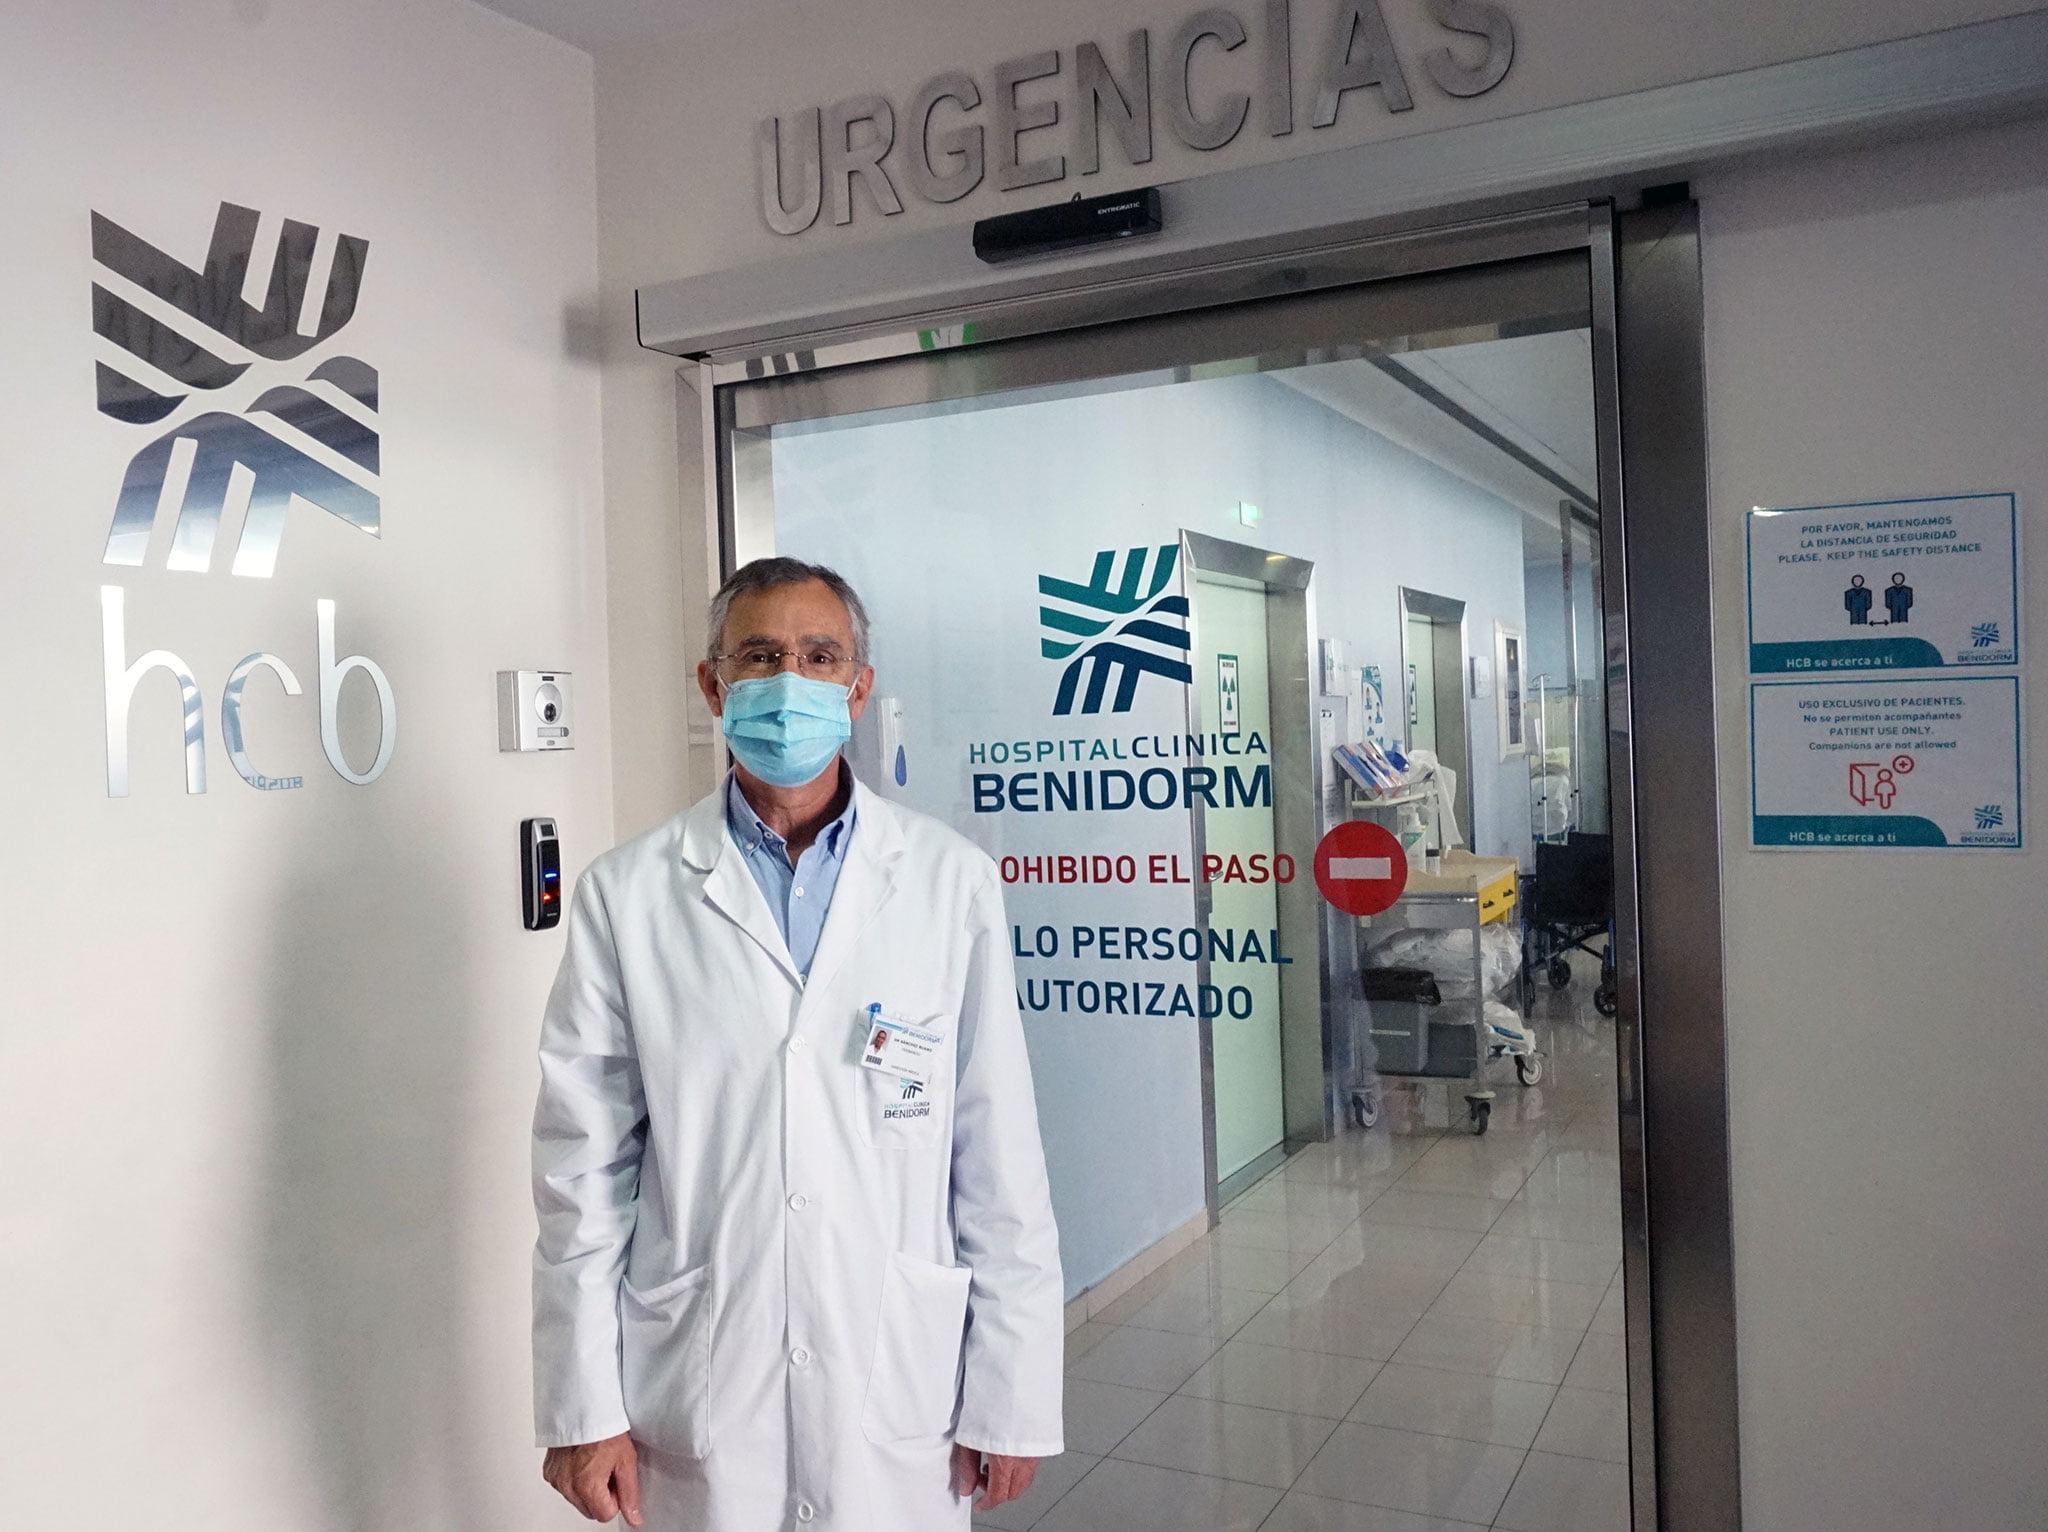 El doctor Fernando Sánchez Ruano, de Hospital Clínica Benidorm (HCB)